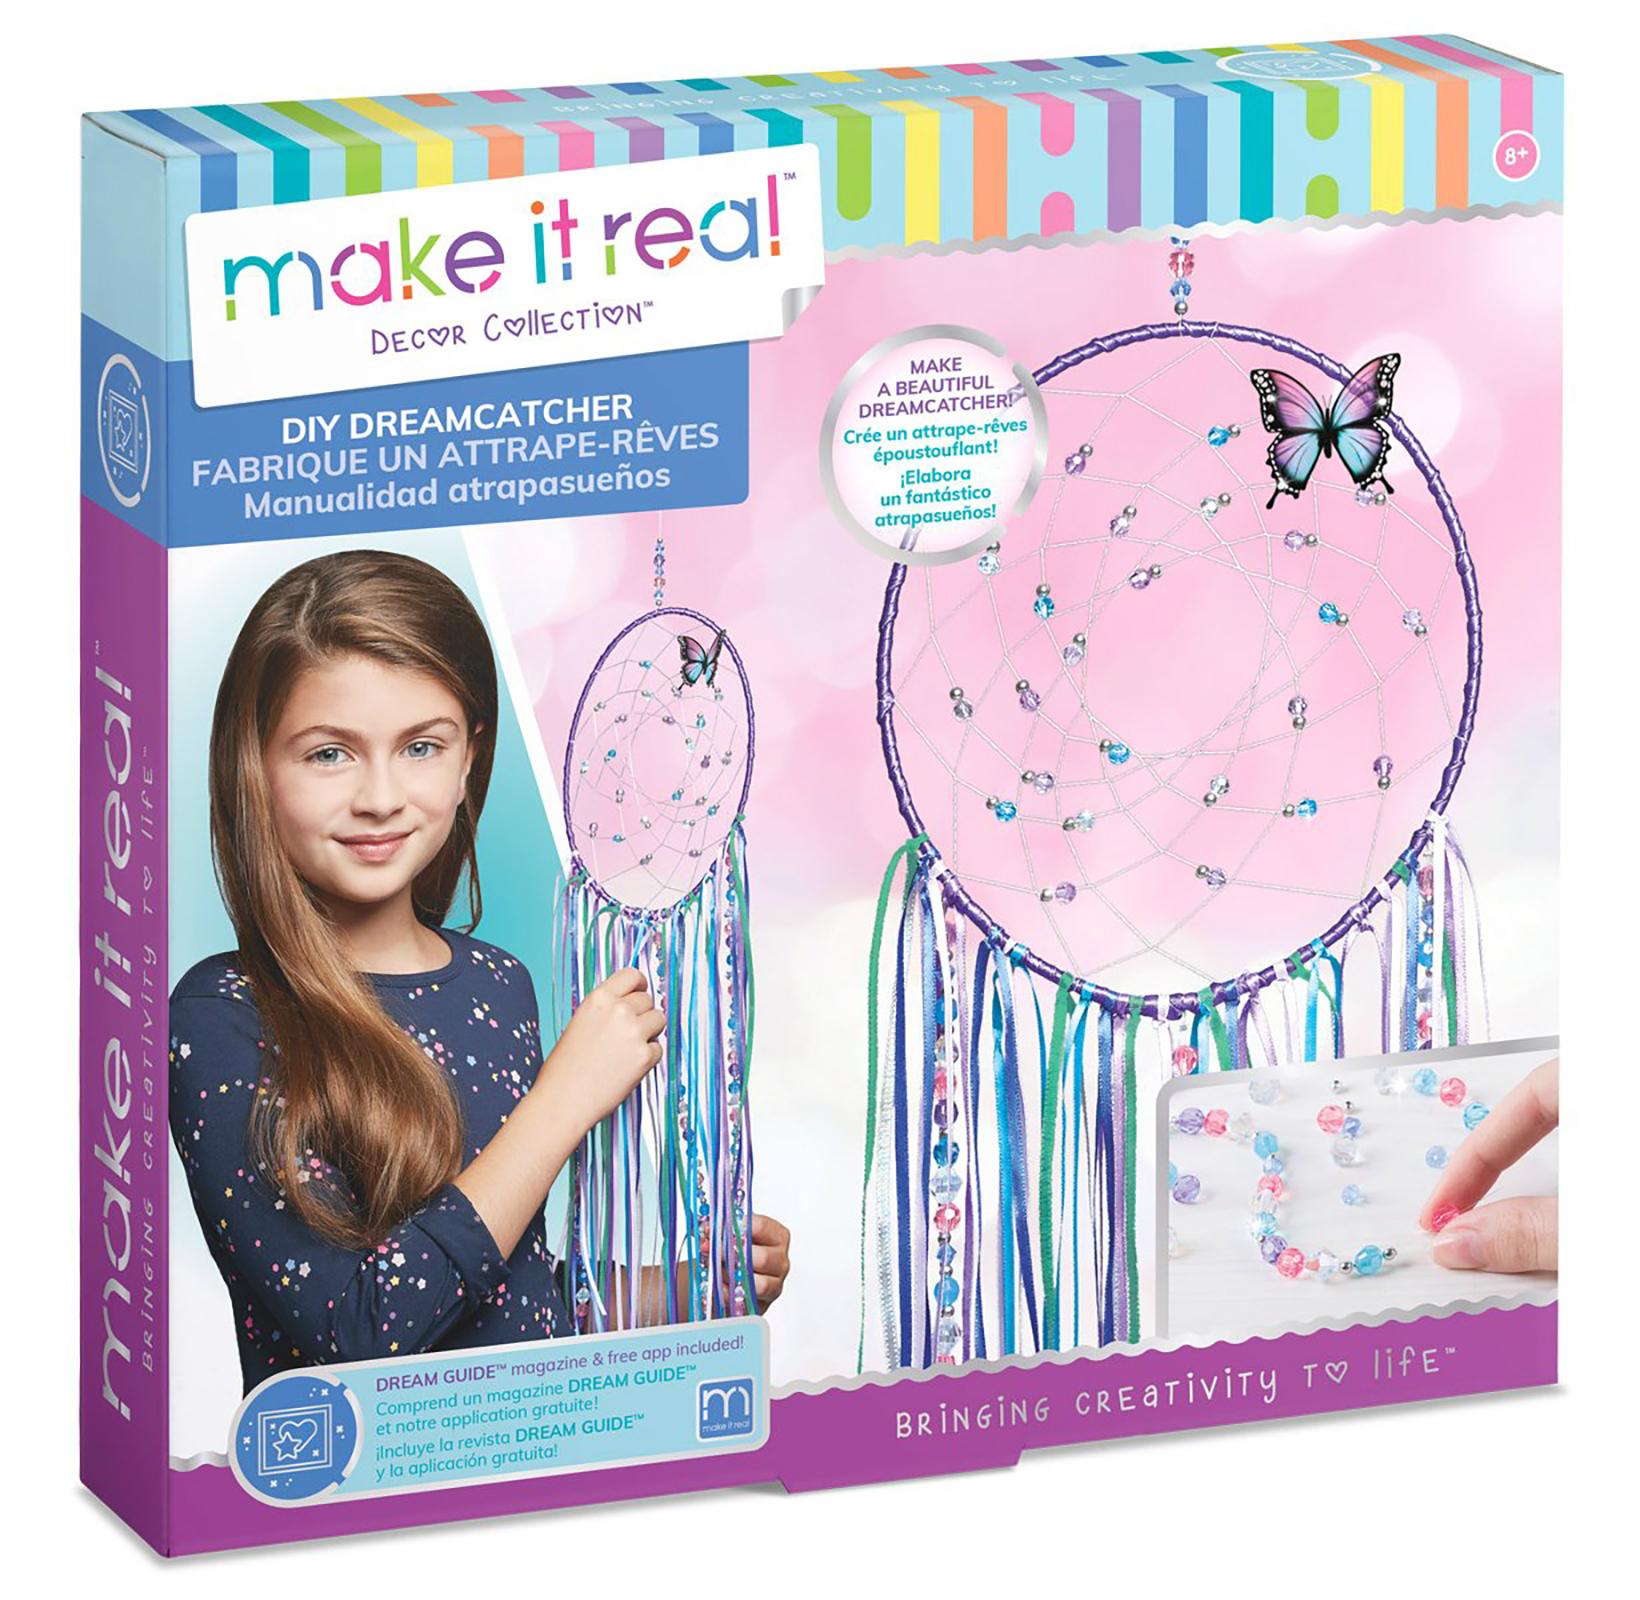 Make It Real Dreamcatcher im test